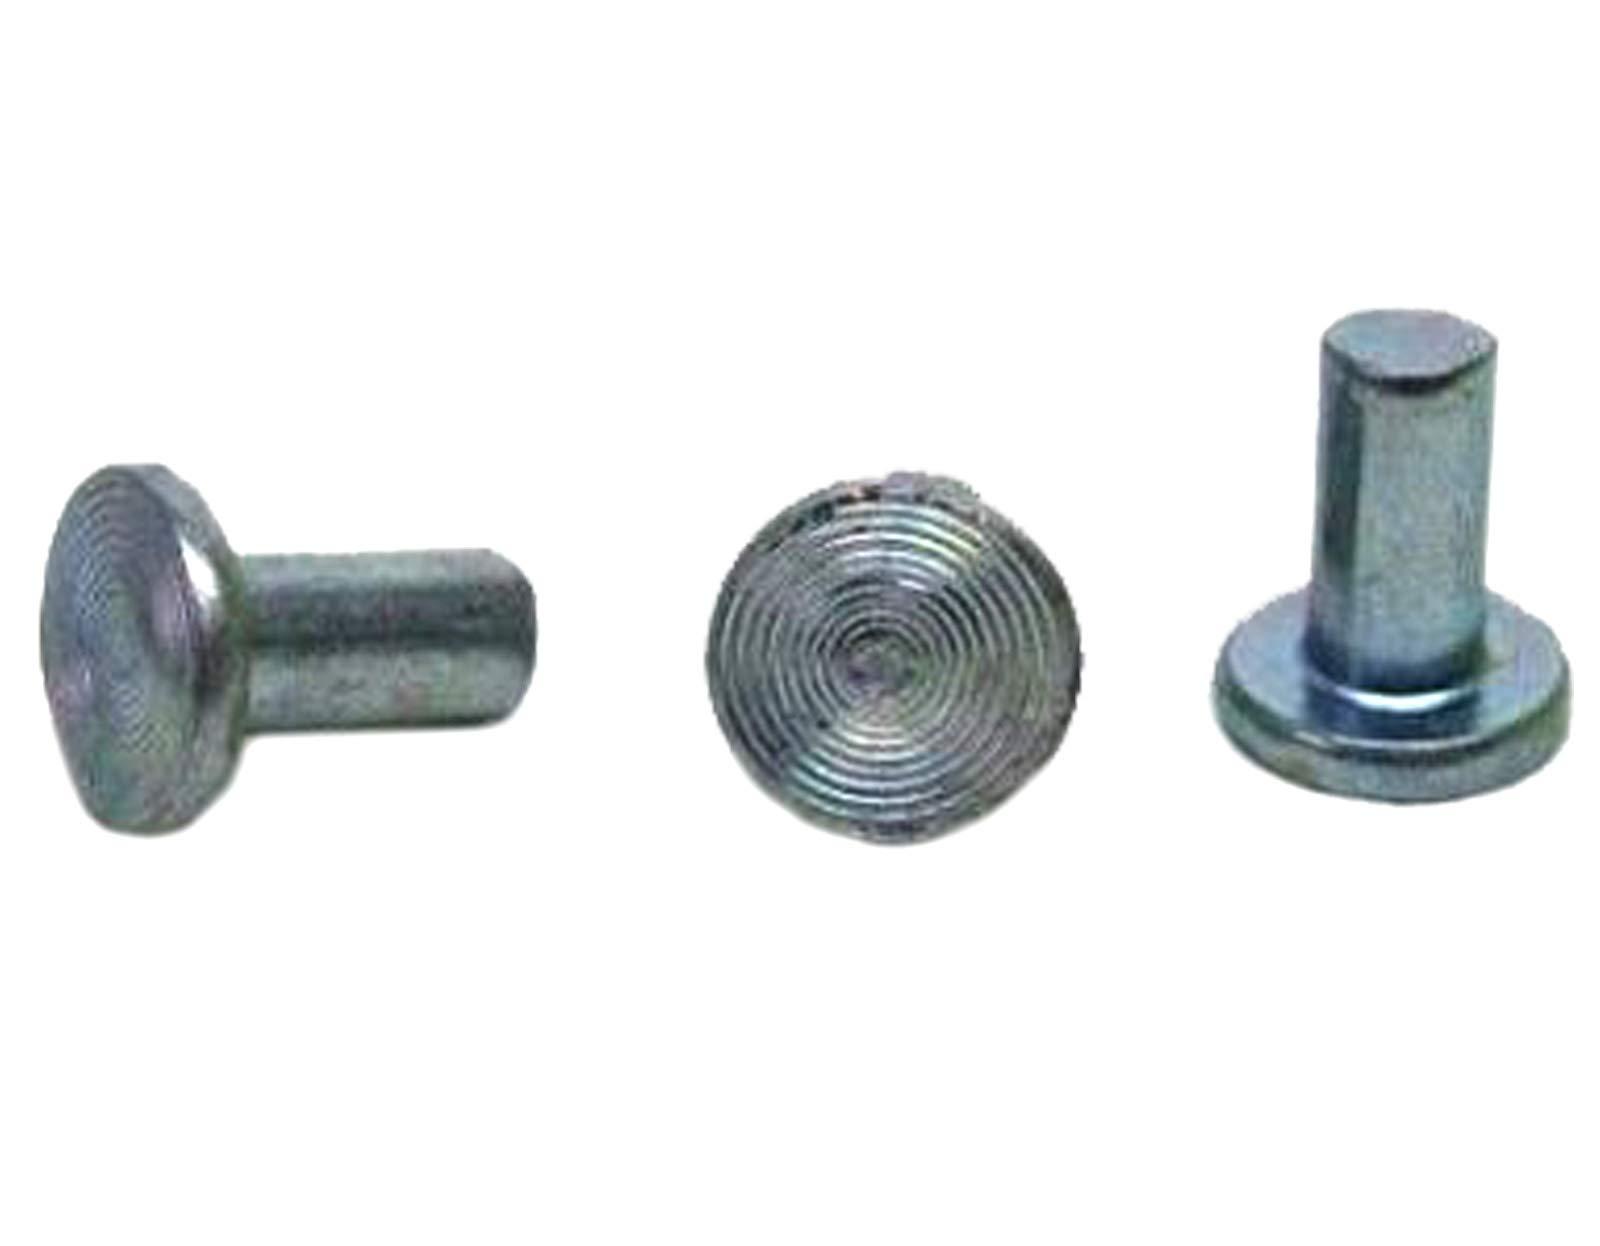 Flat Head Solid Rivets - 3/16'' X 3/8'' Solid Steel Rivets - Solid Steel Flat Head Rivet Plain Finish (100) by Magic Hub